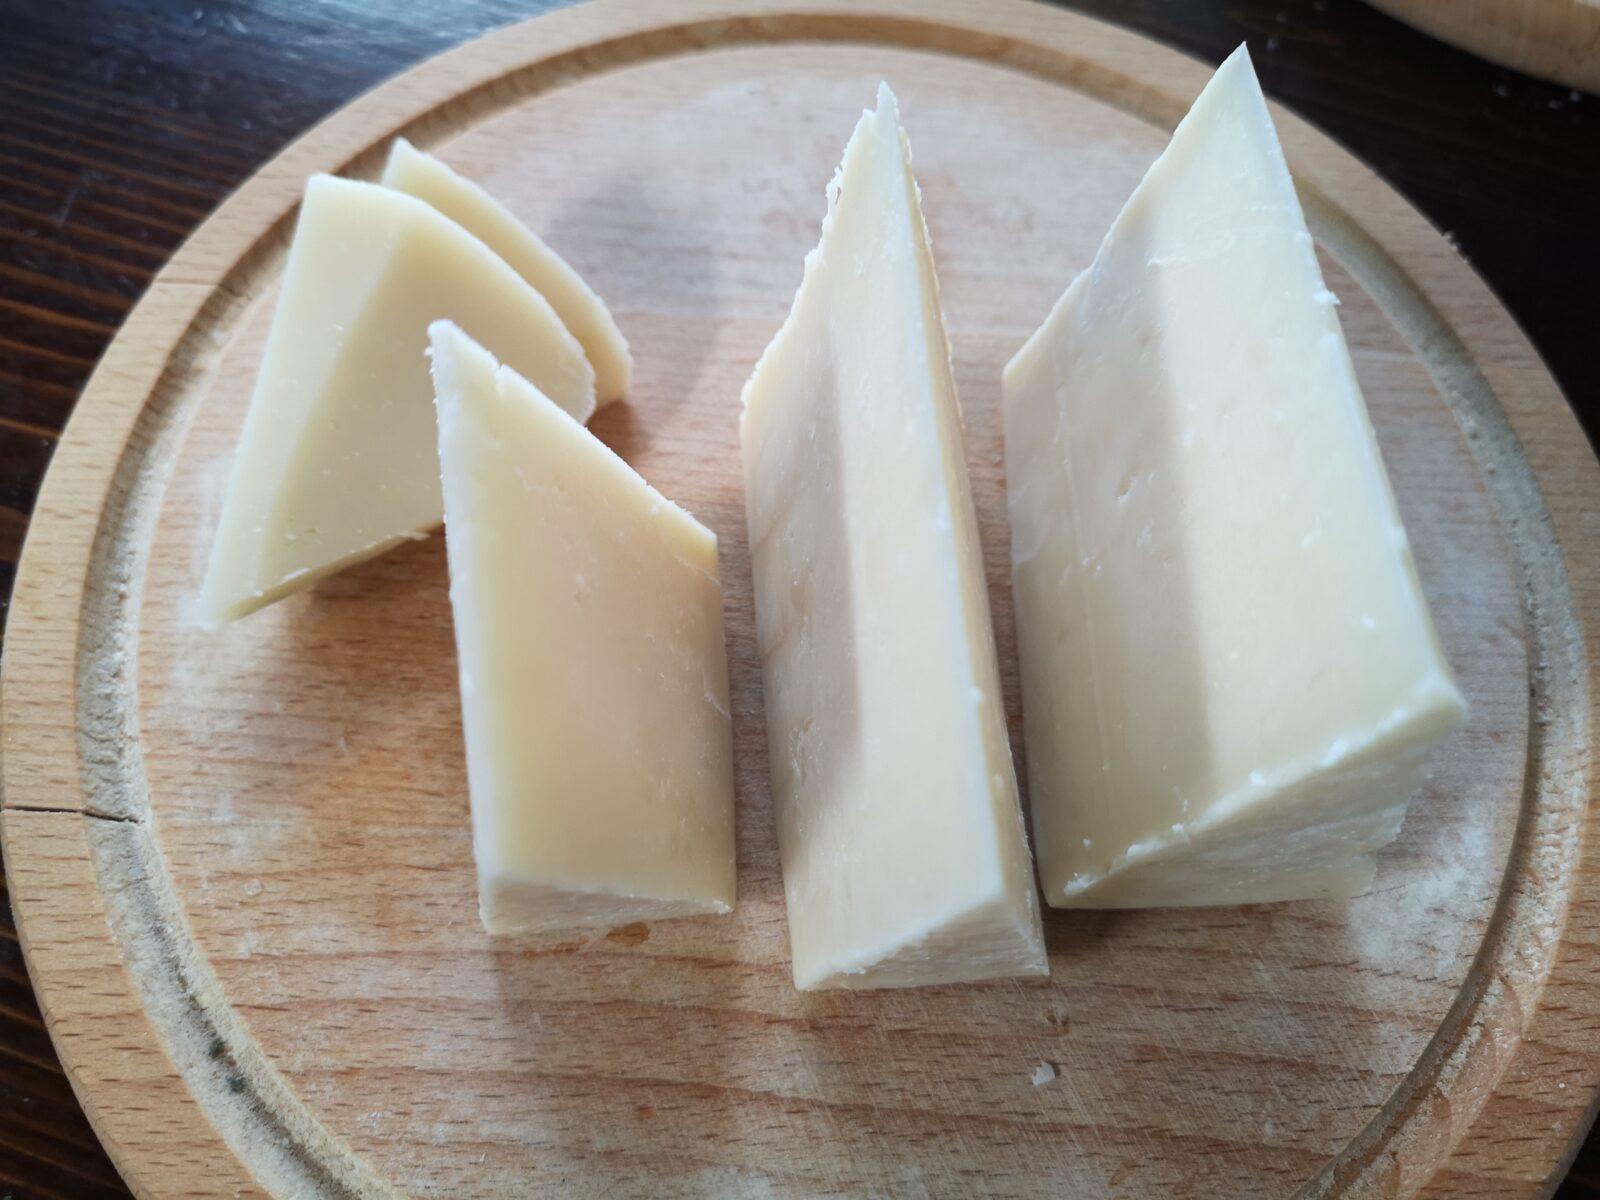 экскурсии в сыроварни Идиасабаль